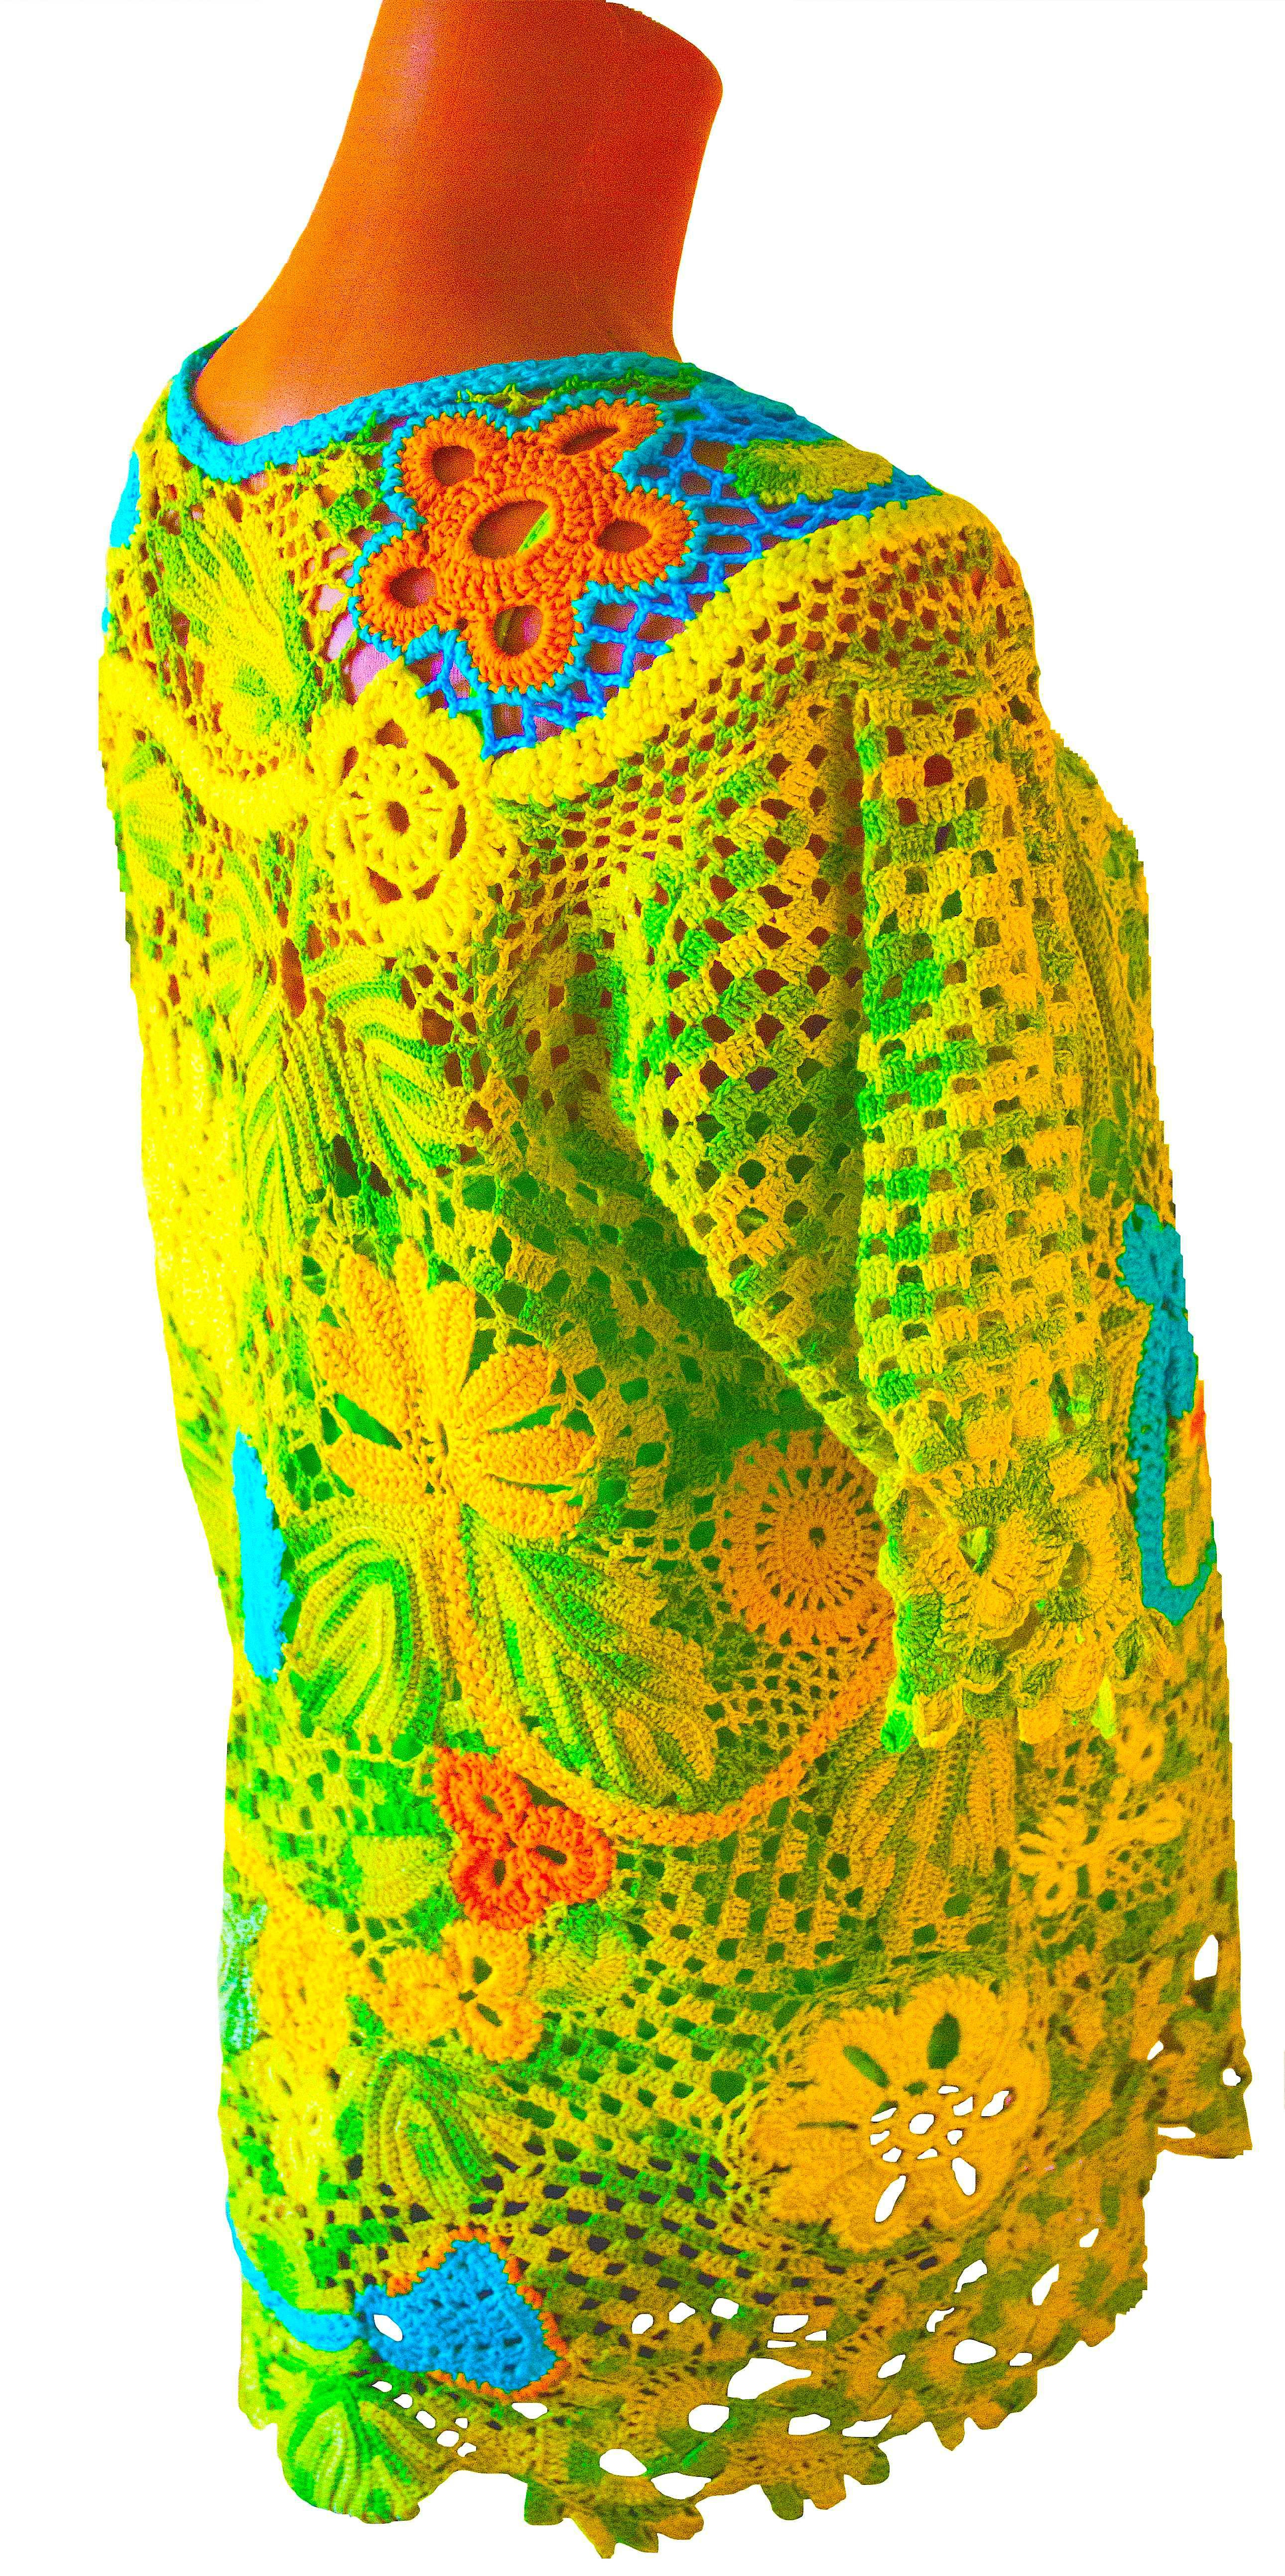 цветочный туника-вязаная авторская-ручная-работа наборное-кружево туника-крючком туника-летняя туника-ажурная сцепное-кружево авторский-дизайн